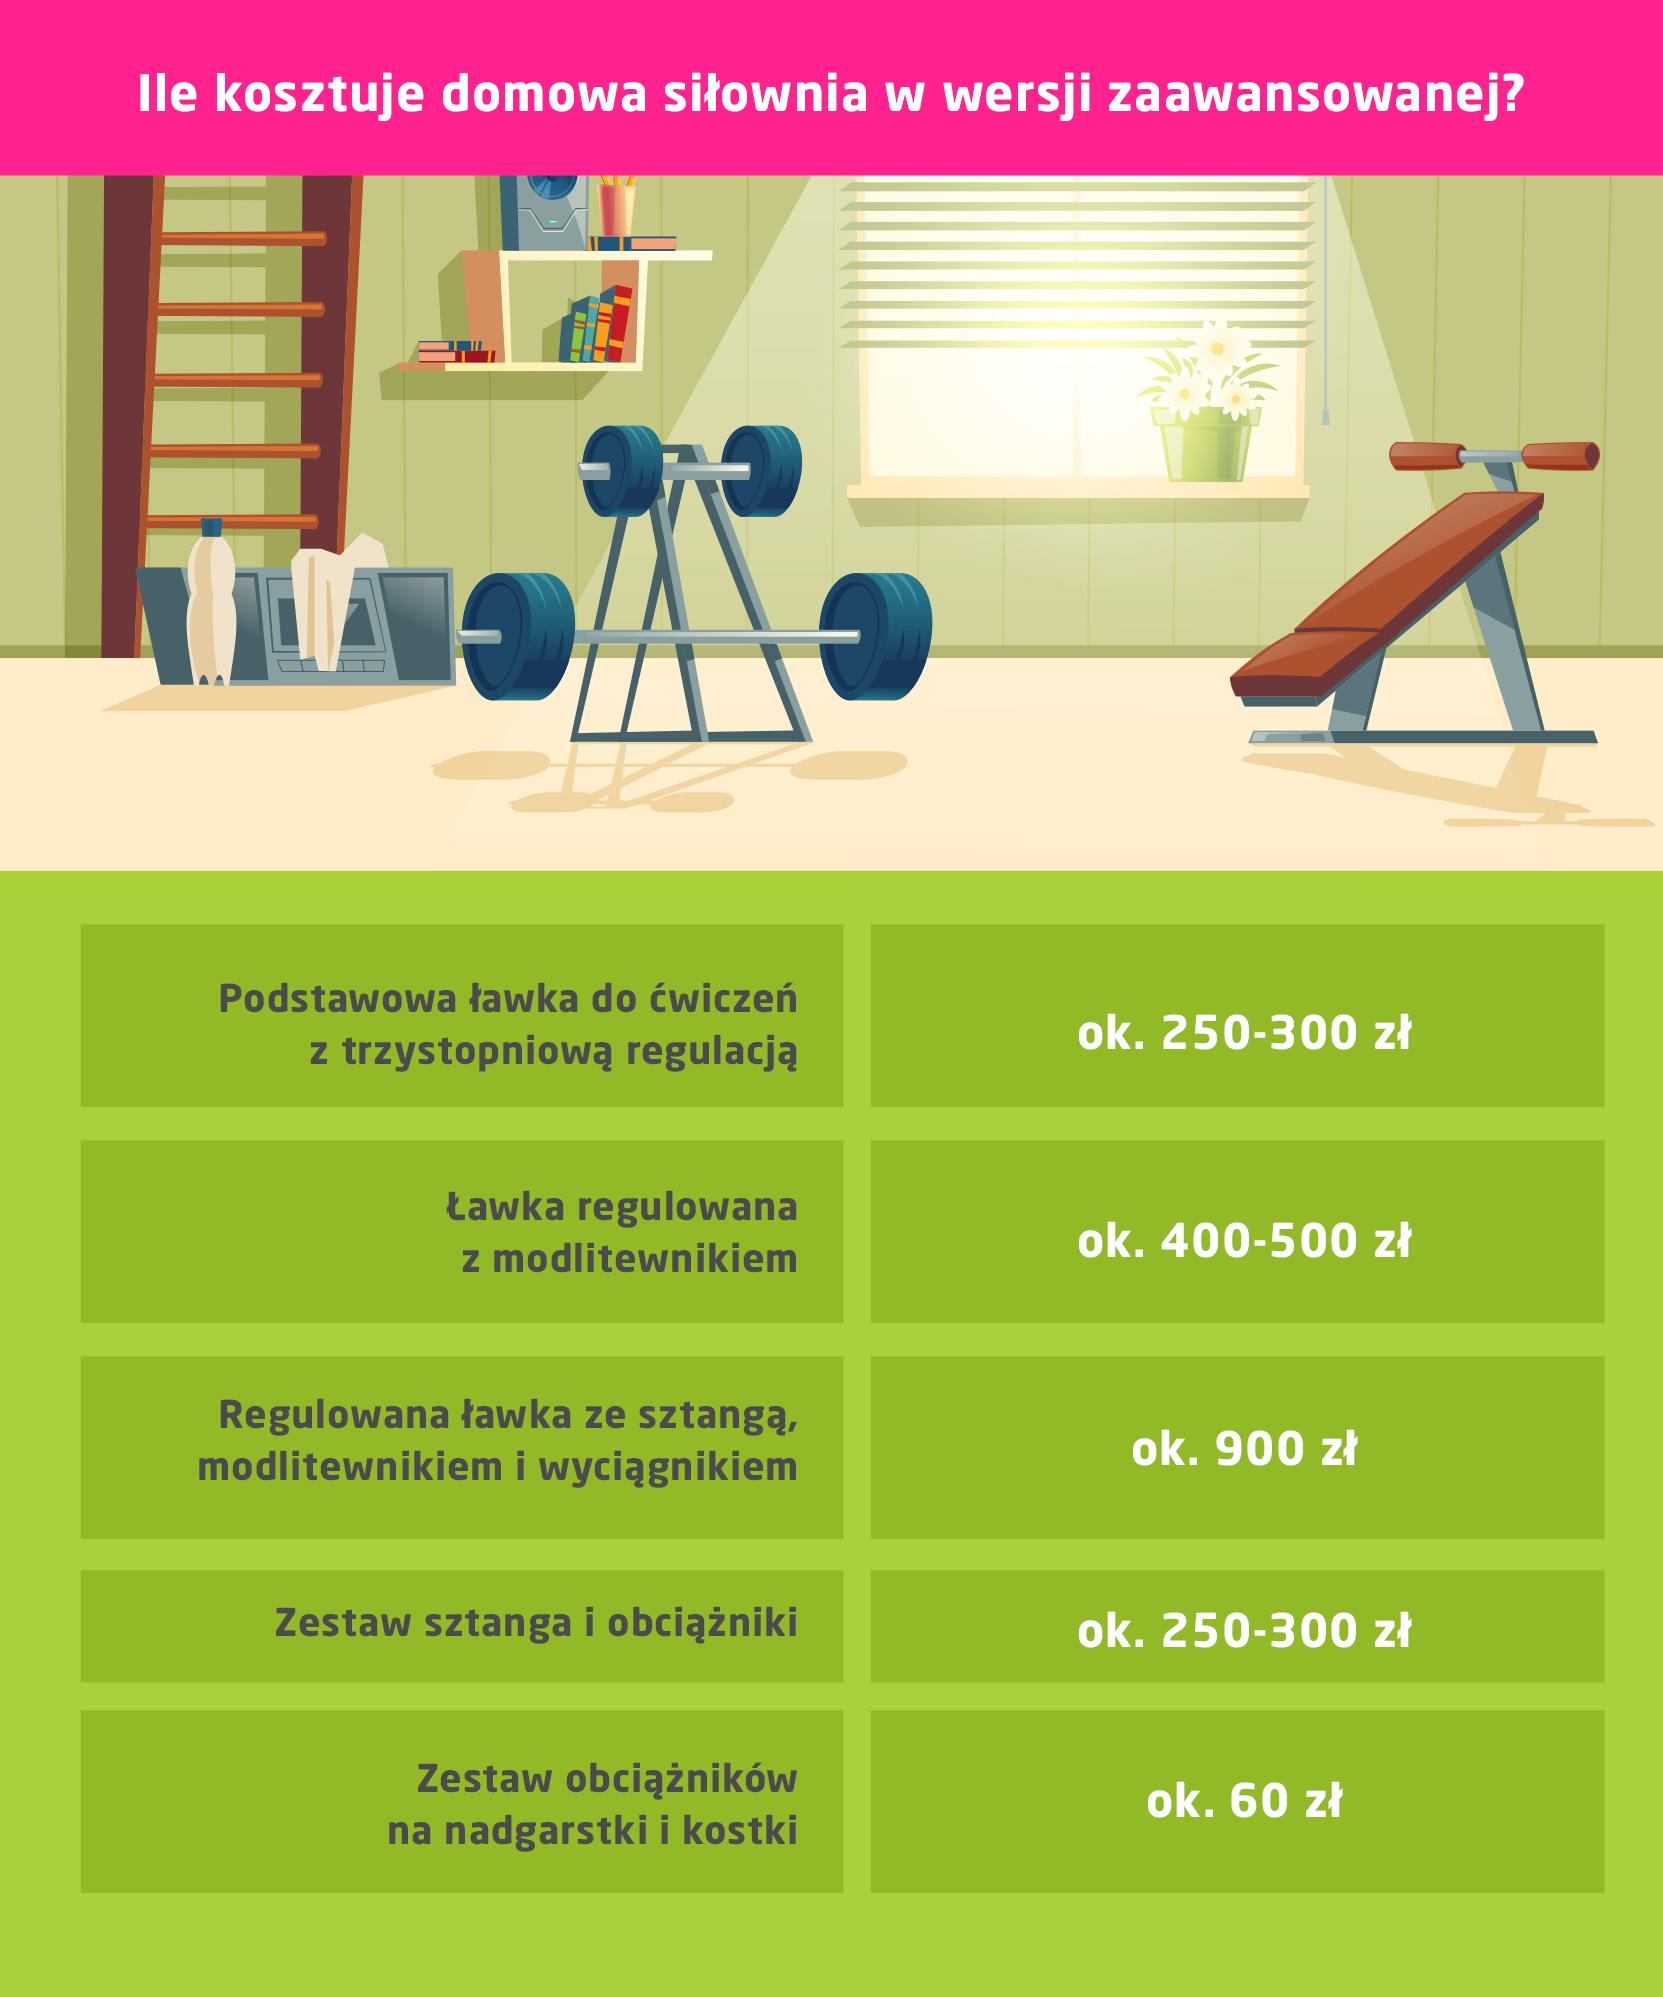 Siłownia domowa dla zaawansowanych - koszt sprzętów